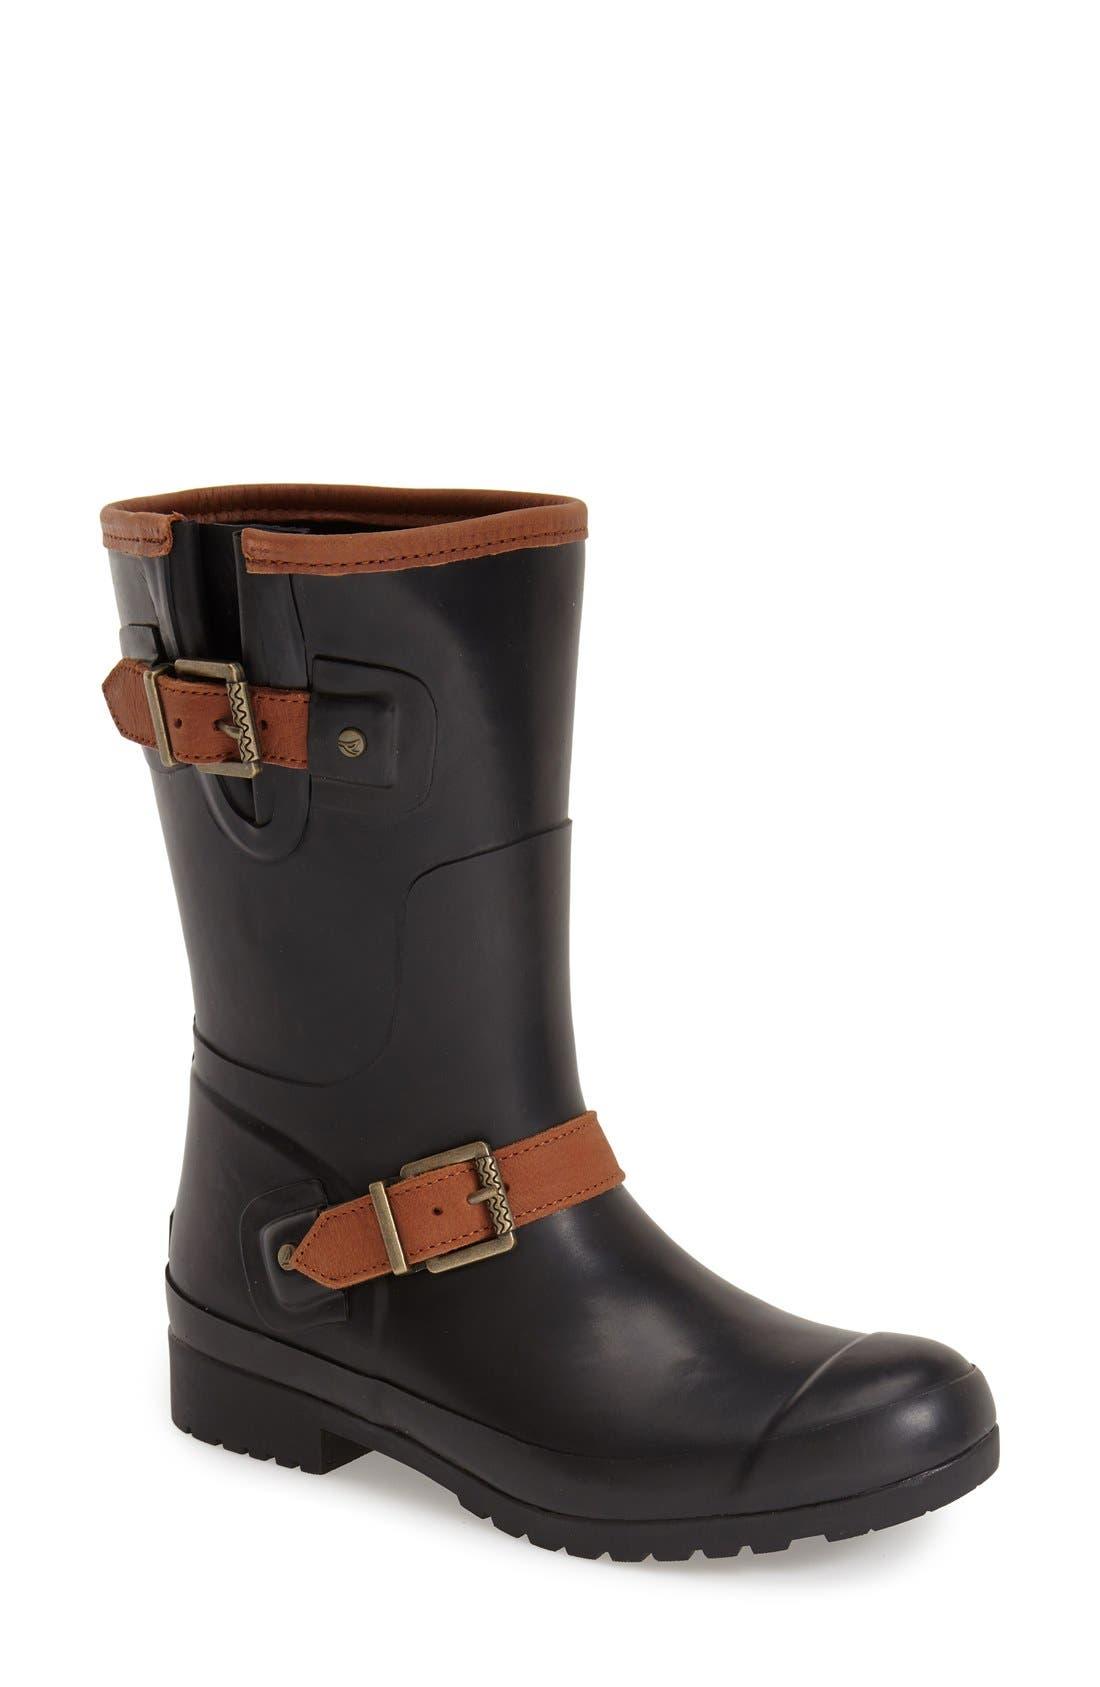 Main Image - Sperry 'Walker Fog' WaterproofRain Boot (Women)